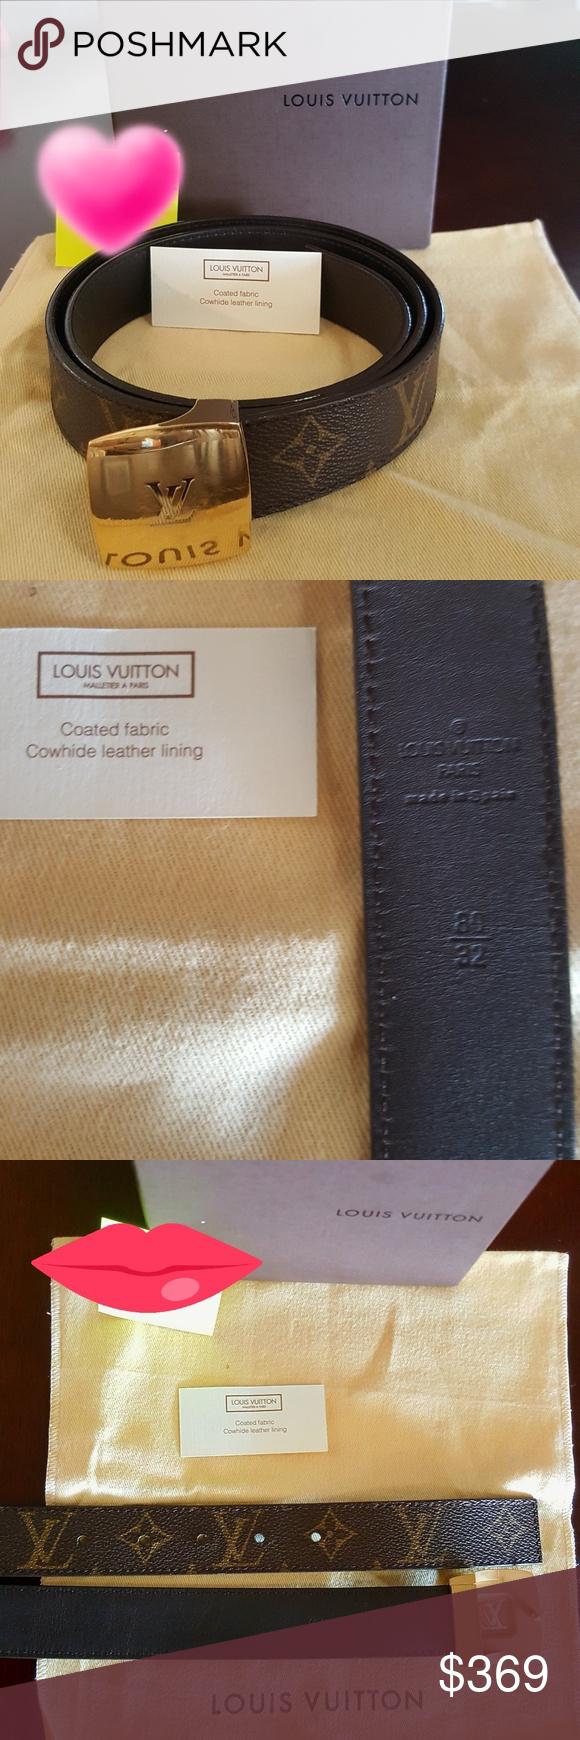 Flash Sale! ! ! Authentic Louis Vuitton Belt | Louis ...